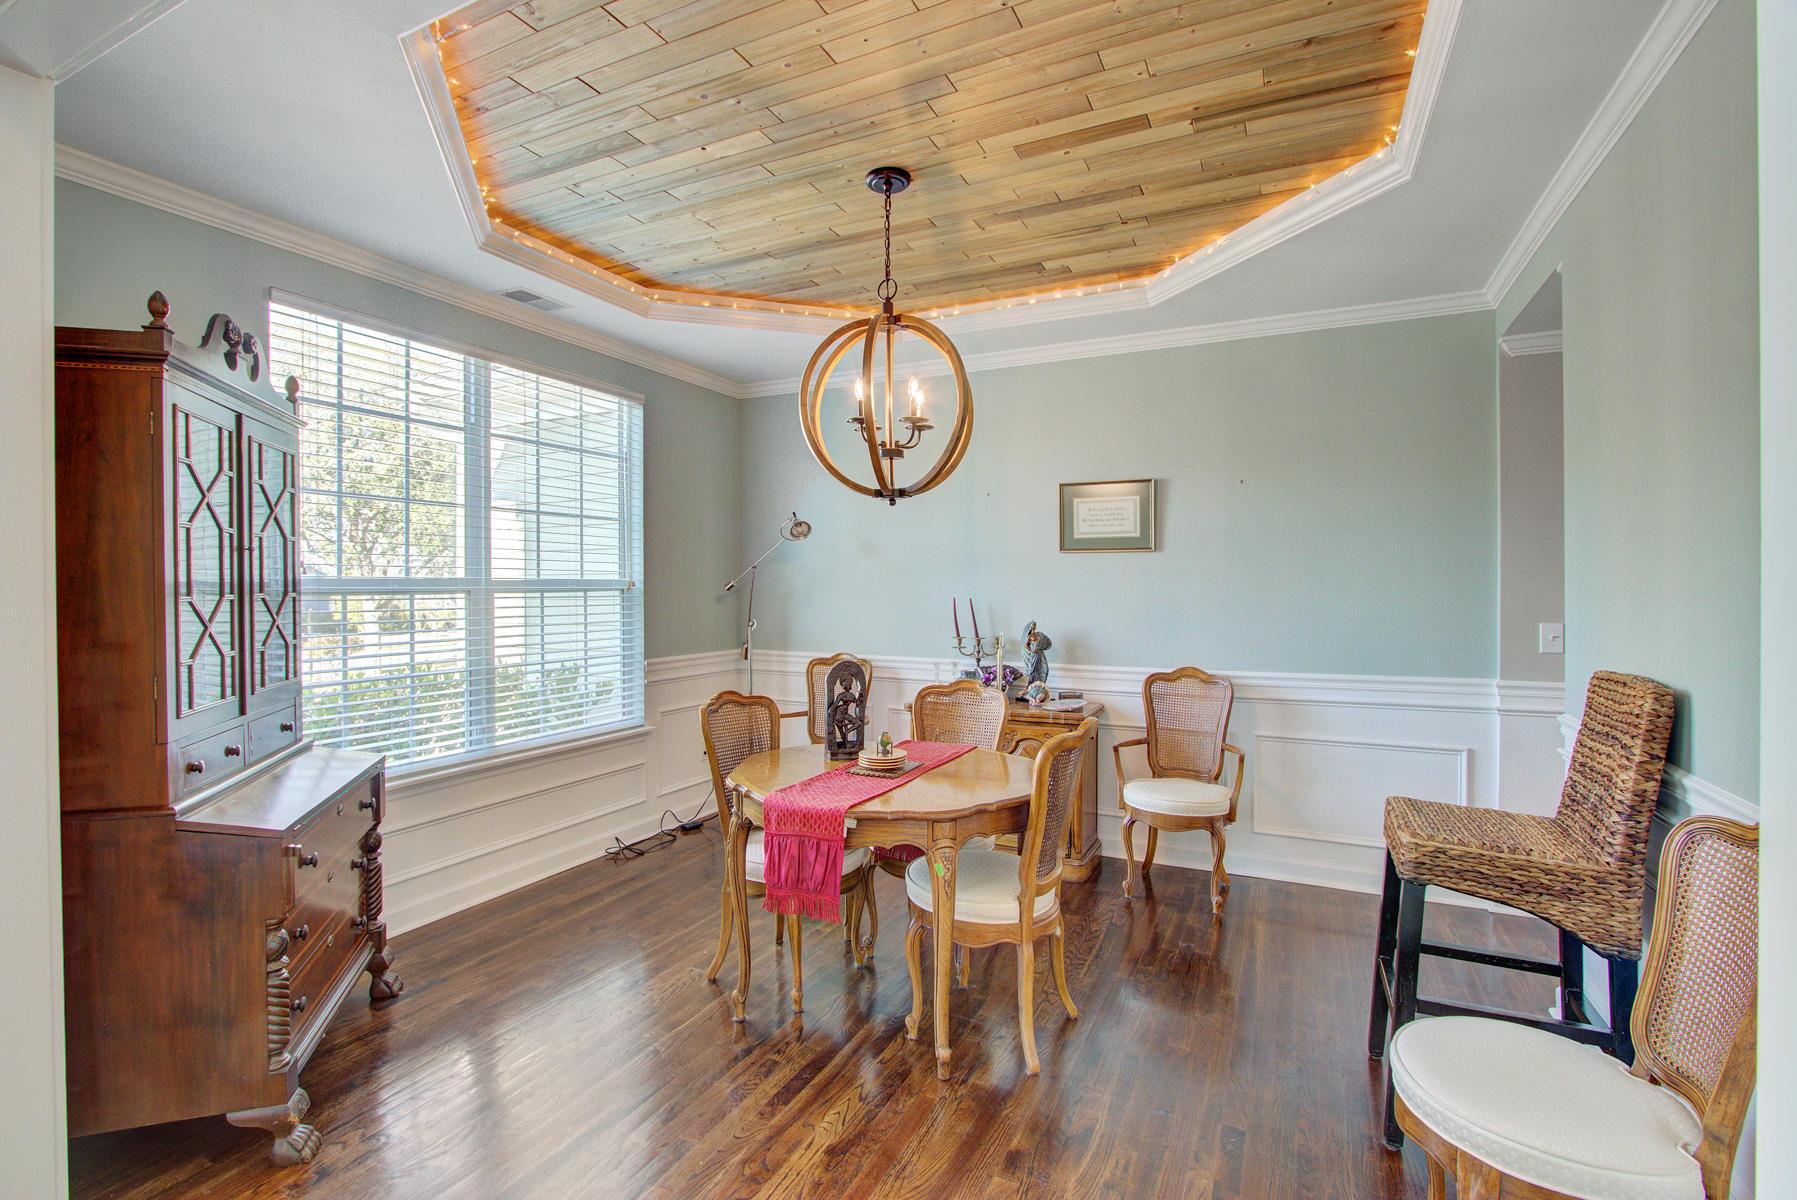 Dunes West Homes For Sale - 2104 Short Grass, Mount Pleasant, SC - 3